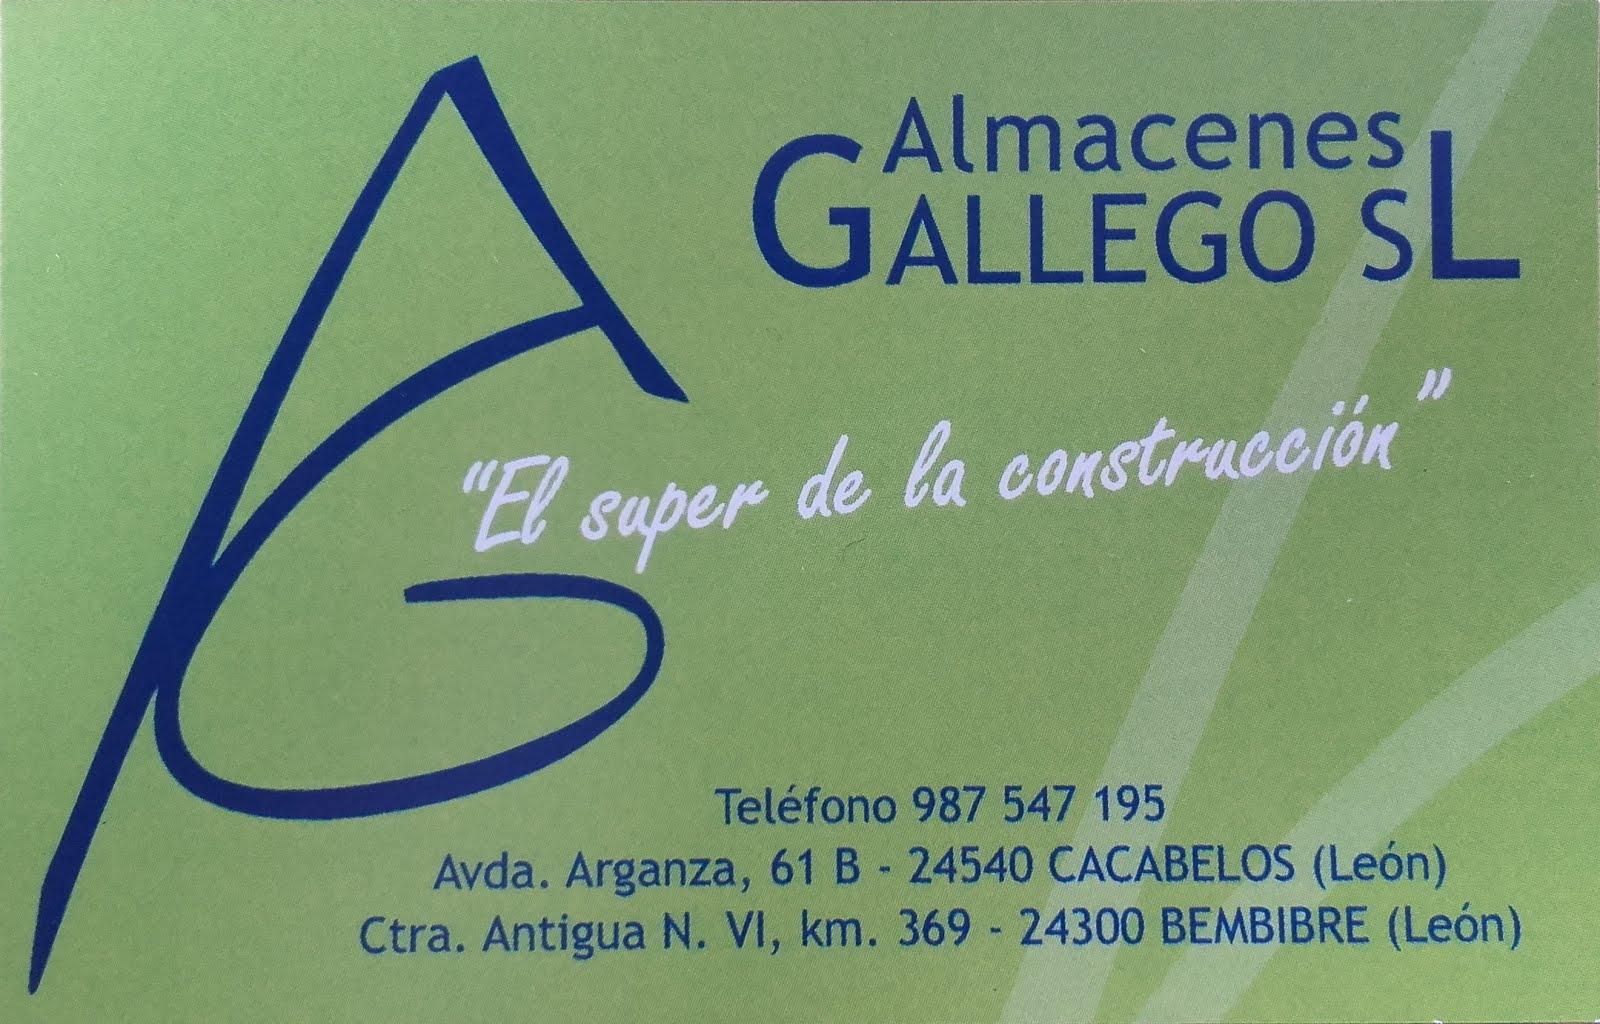 ALMACENES GALLEGO